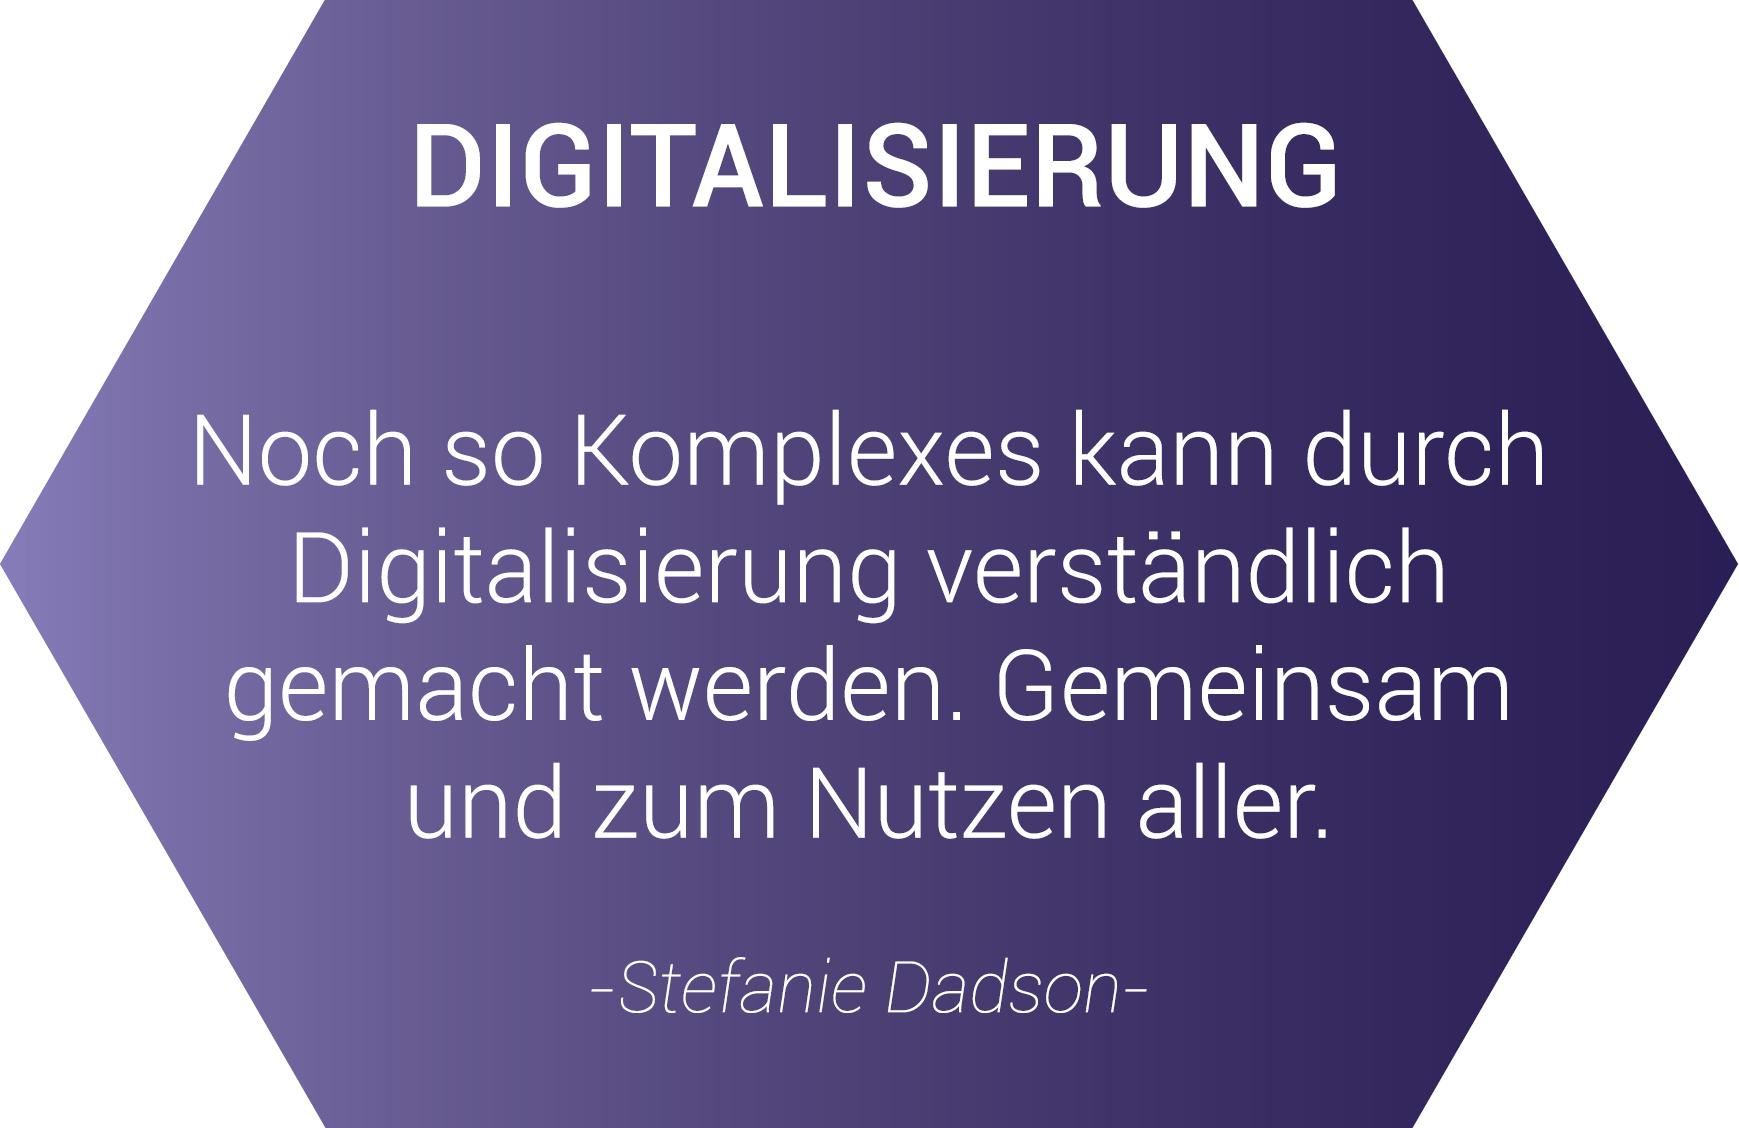 Digitalisierung - Noch so Komplexes kann durch Digitalisierung verständlich gemacht werden. gemeinsam und zum Nutzen aller. - Zitat von Stefanie Dadson